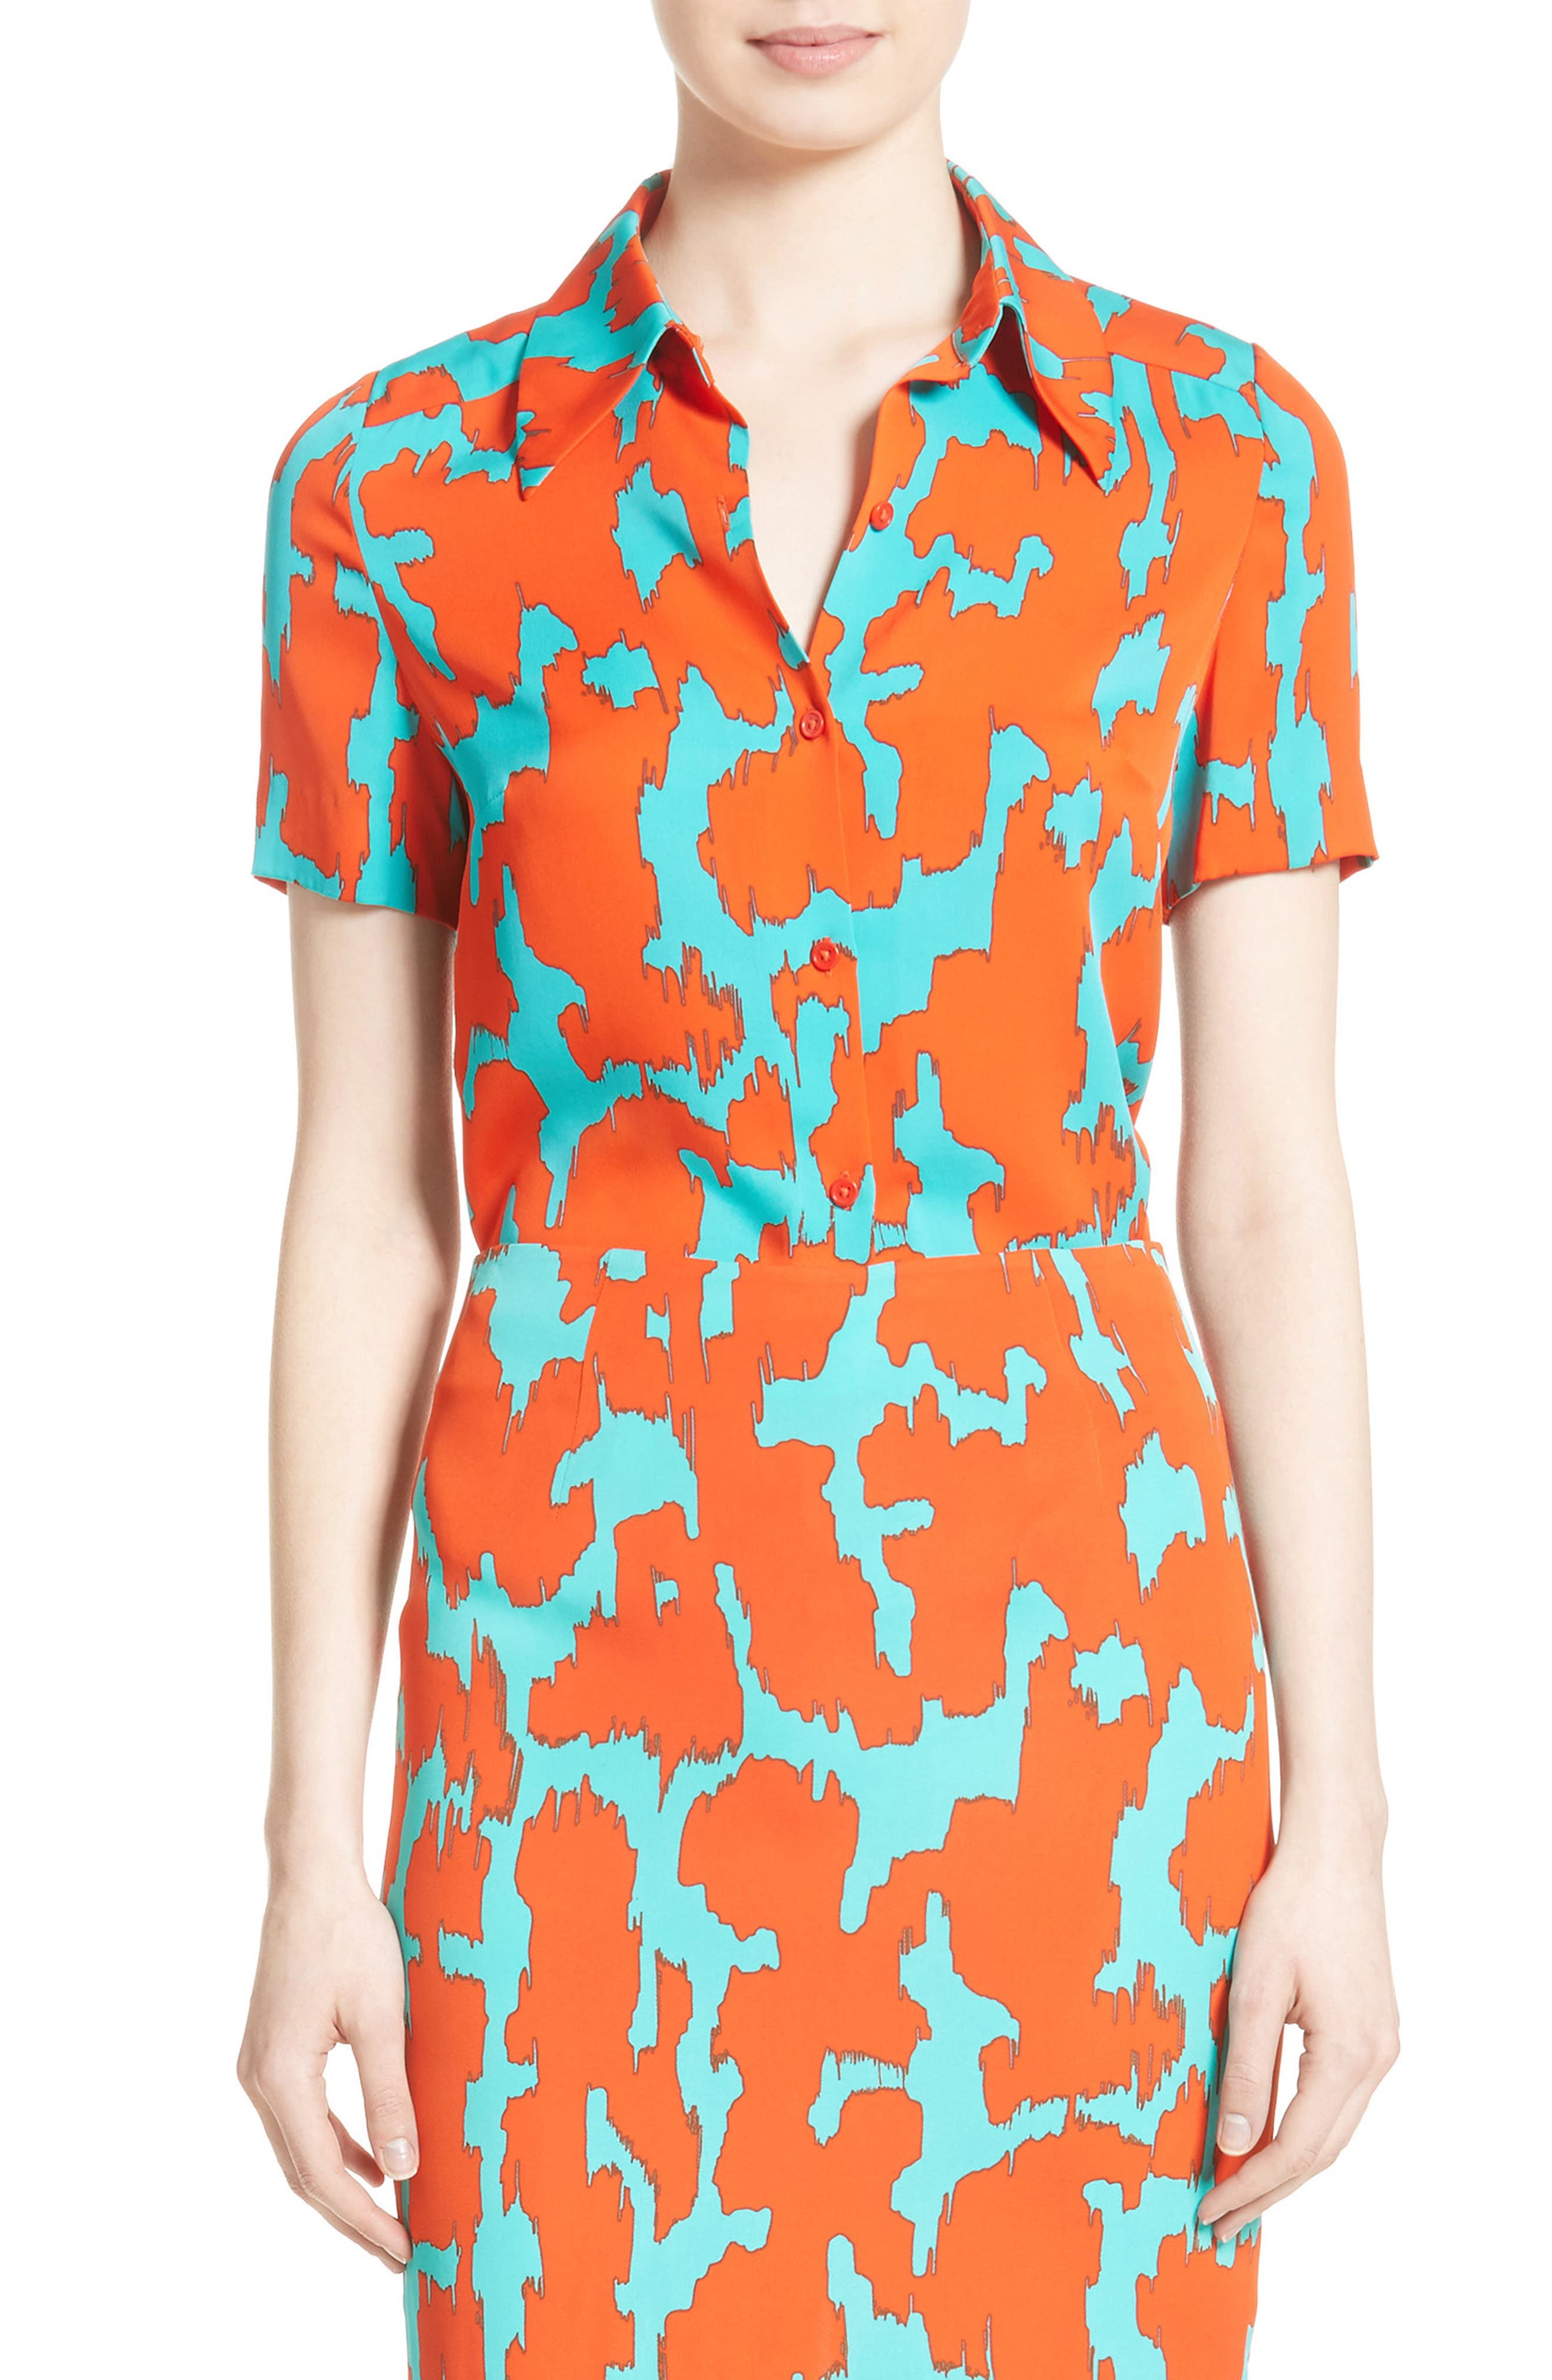 DIANE VON FURSTENBERG Diane von Furstenburg Print Stretch Silk Shirt